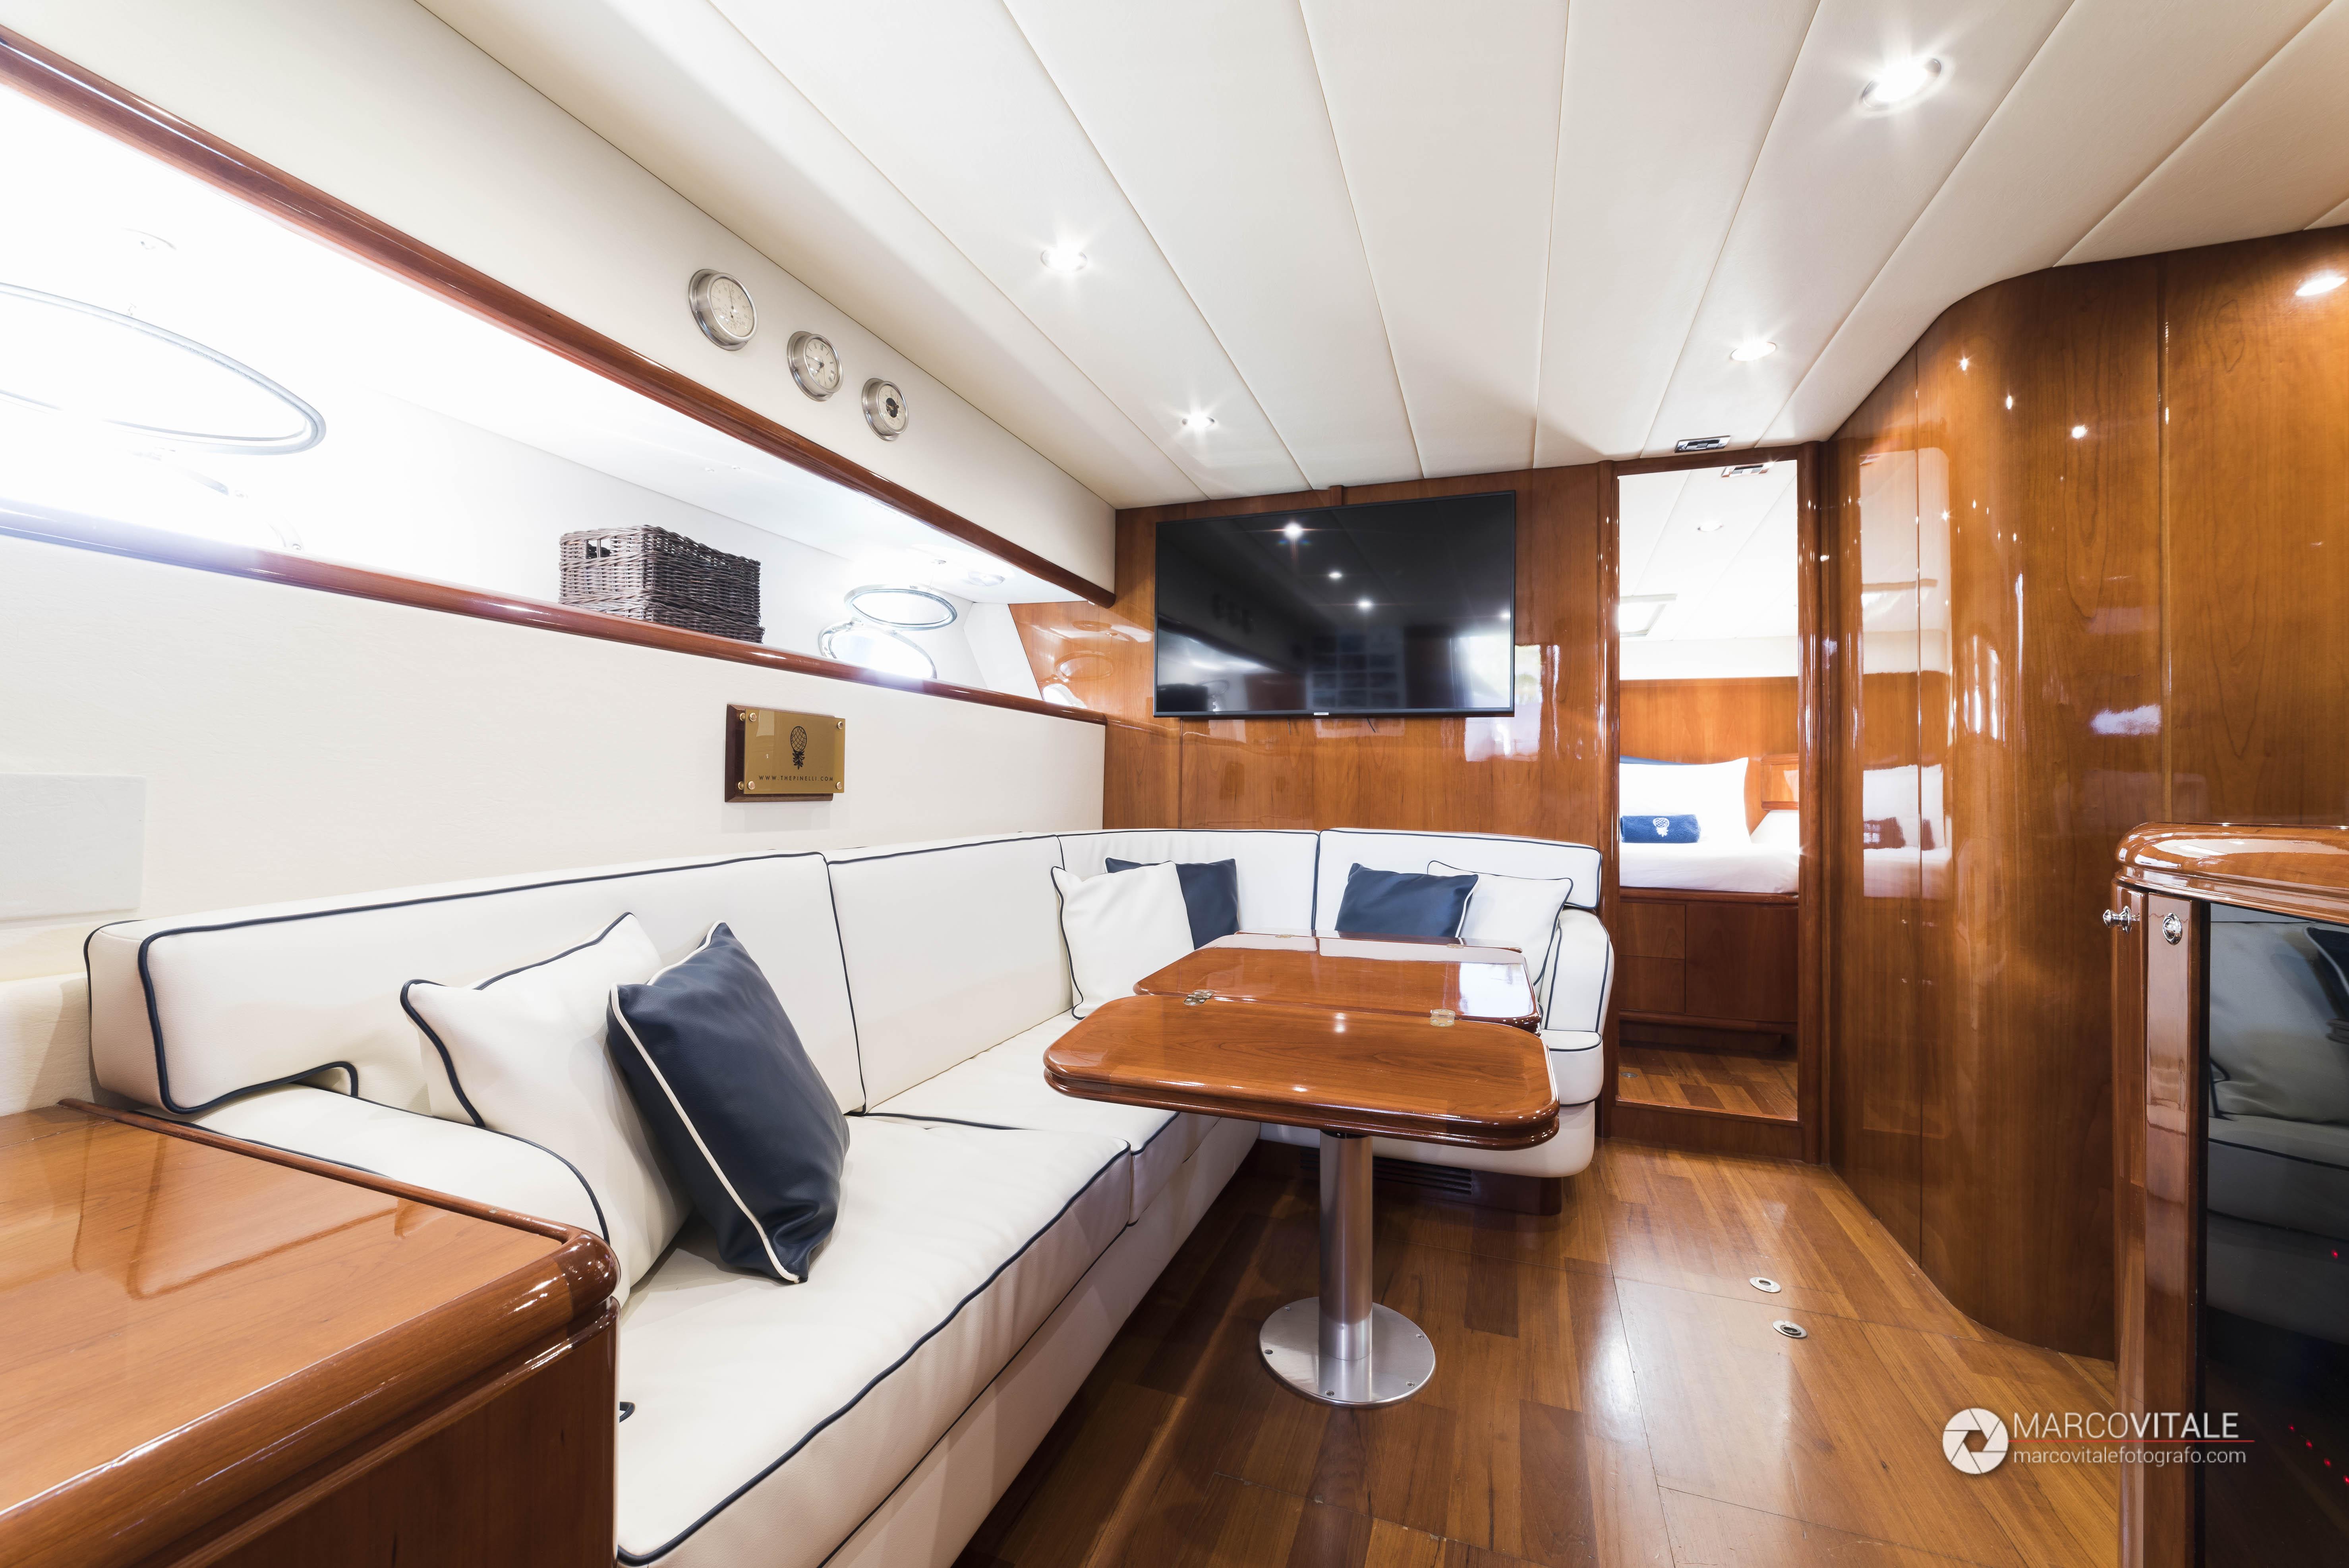 Fotografo di interni per barche-12